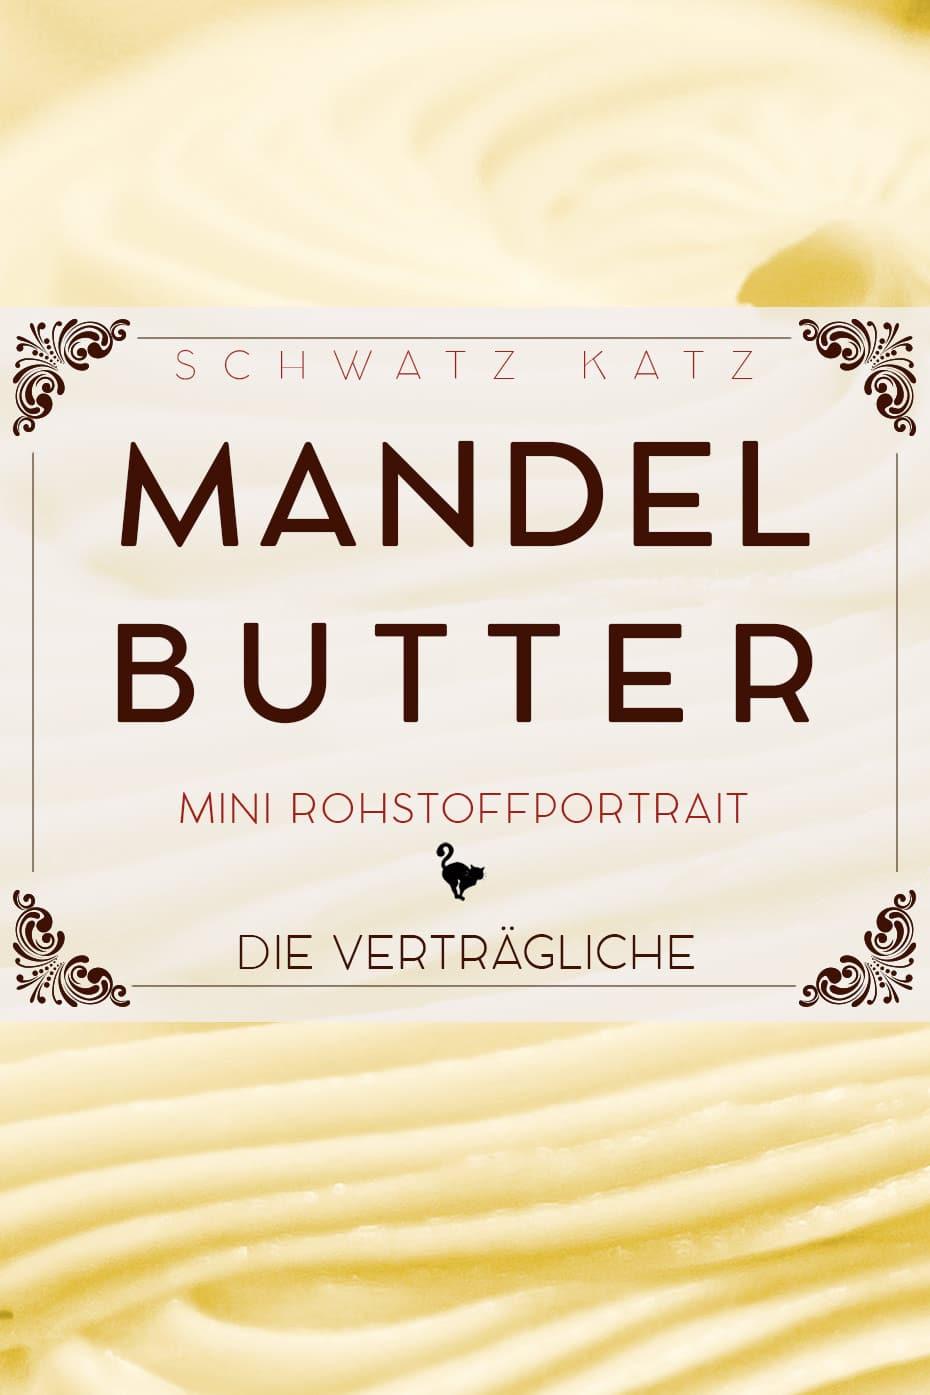 Mandelbutter Mini Rohstoffportrait von Schwatz Katz